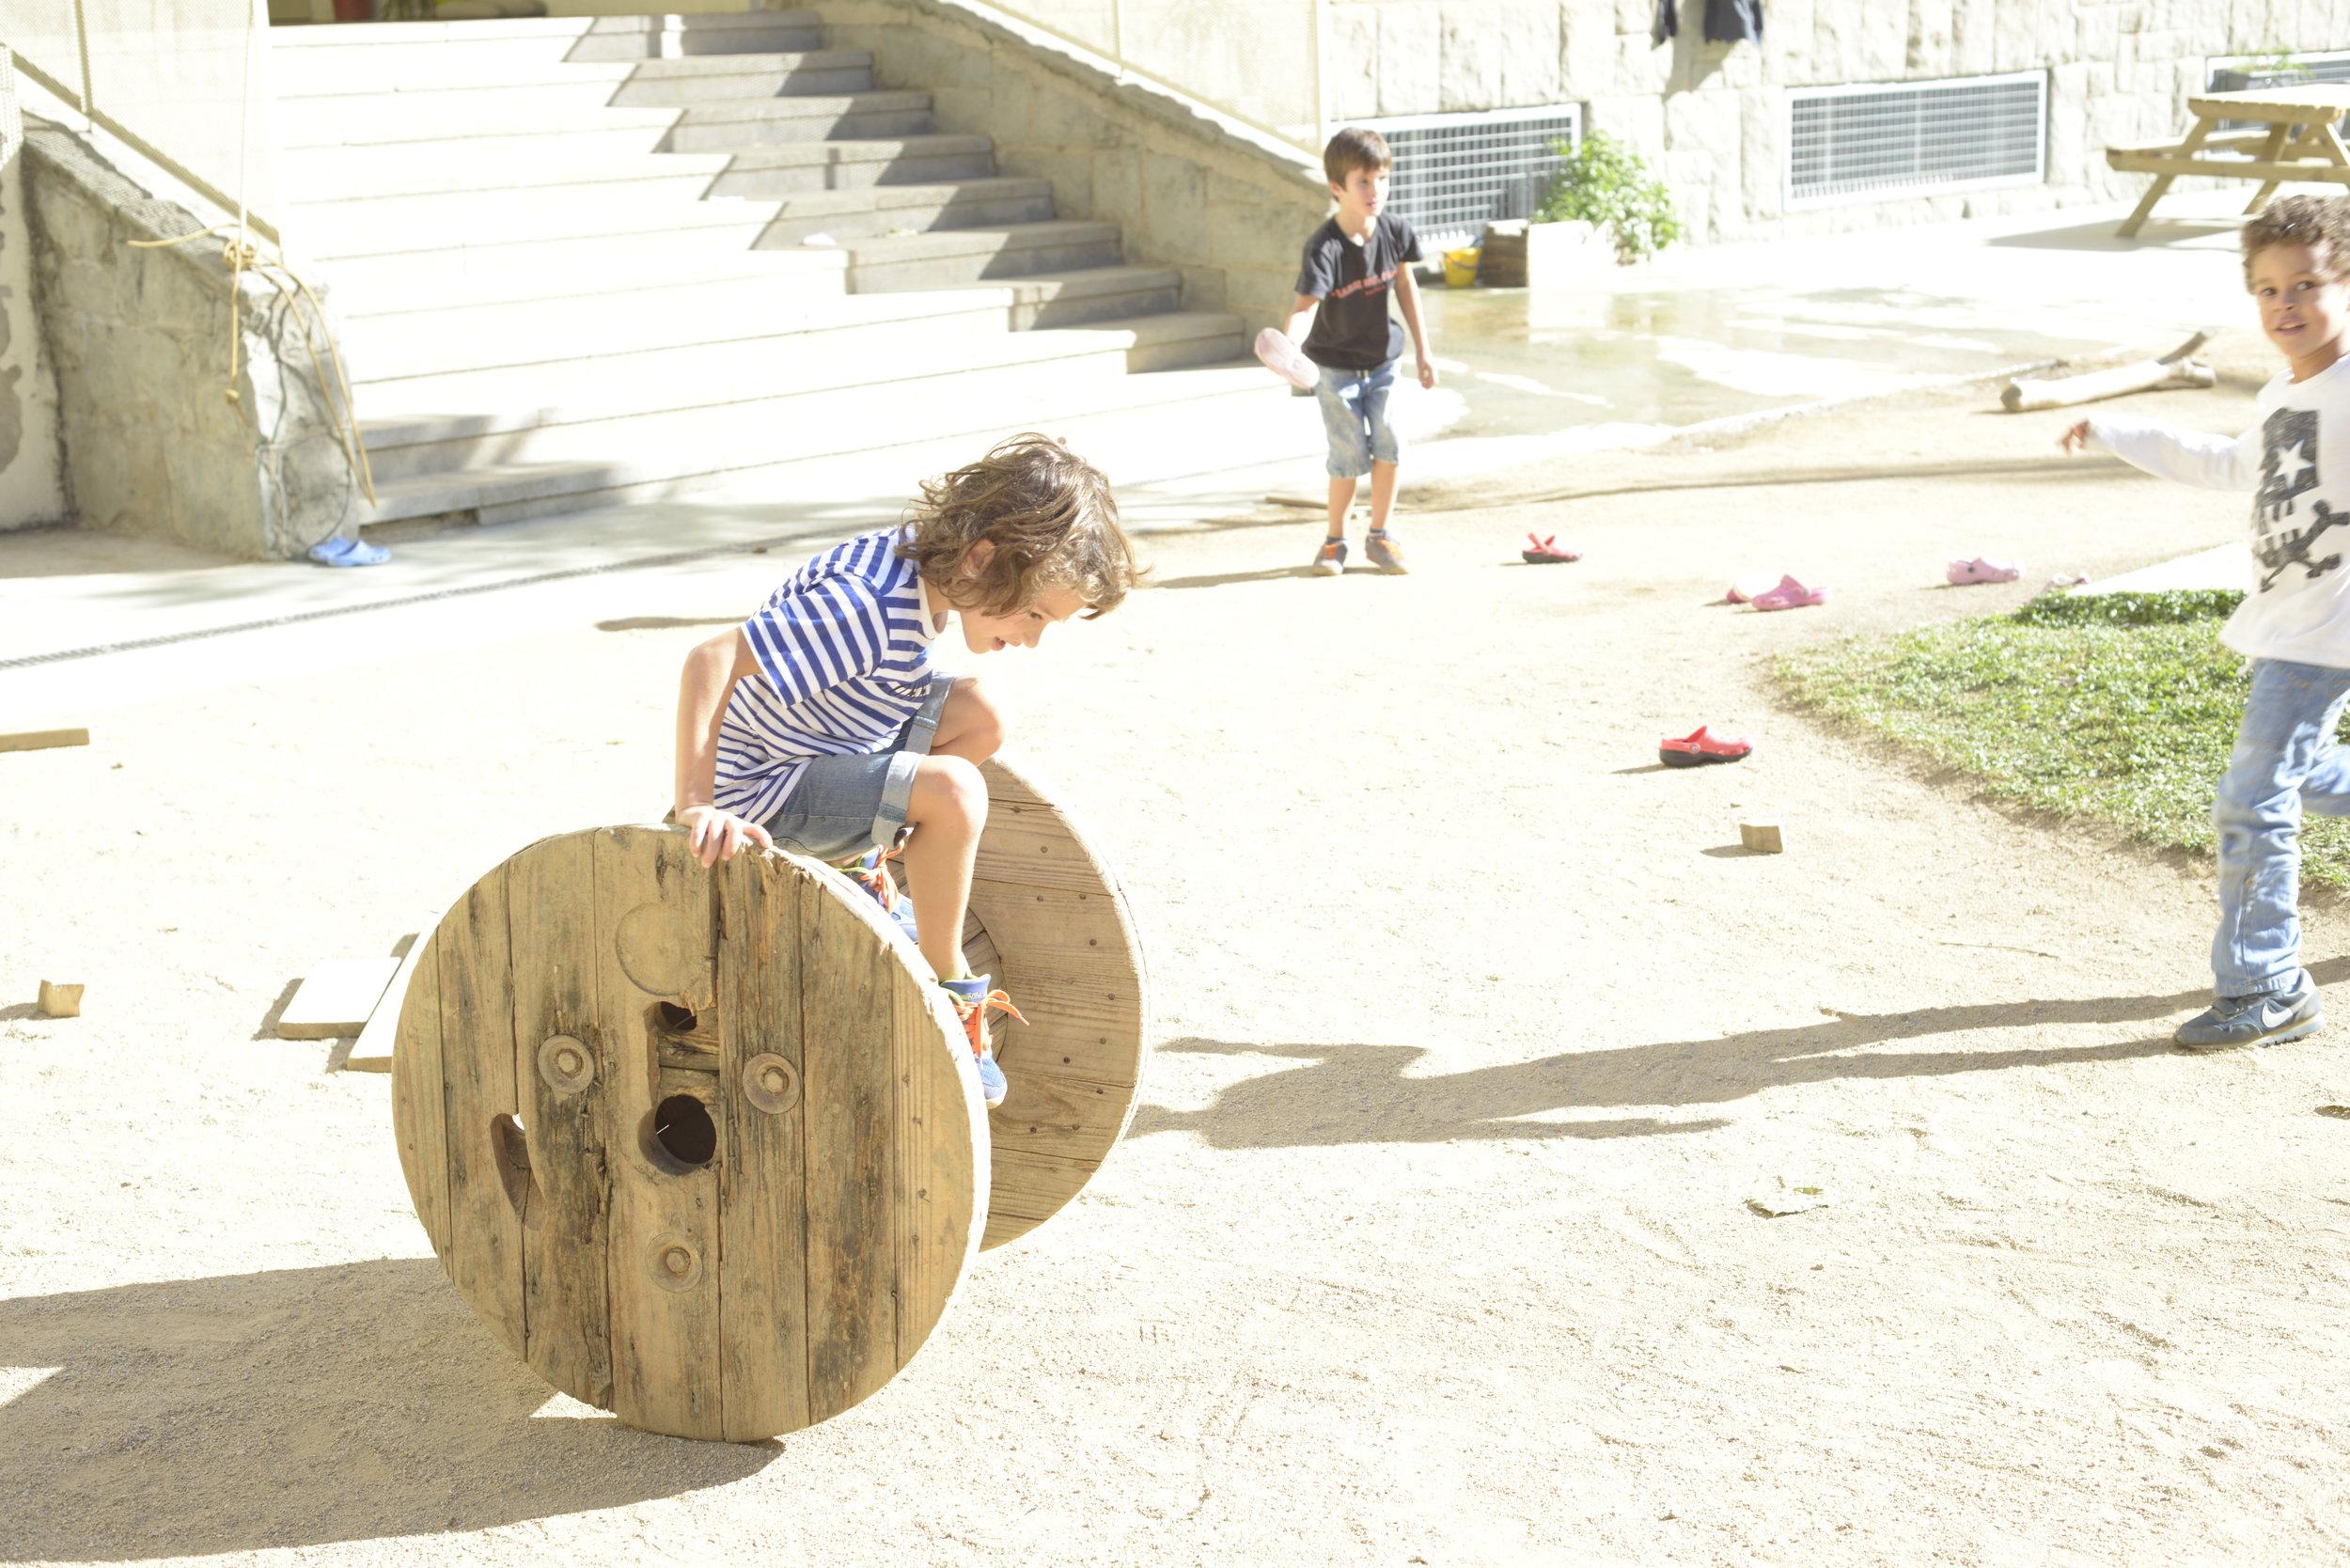 En el patio los niños y niñas pueden jugar libremente con juguetes que fomentan su desarrollo psicomotor y su confianza en sus propias capacidades.